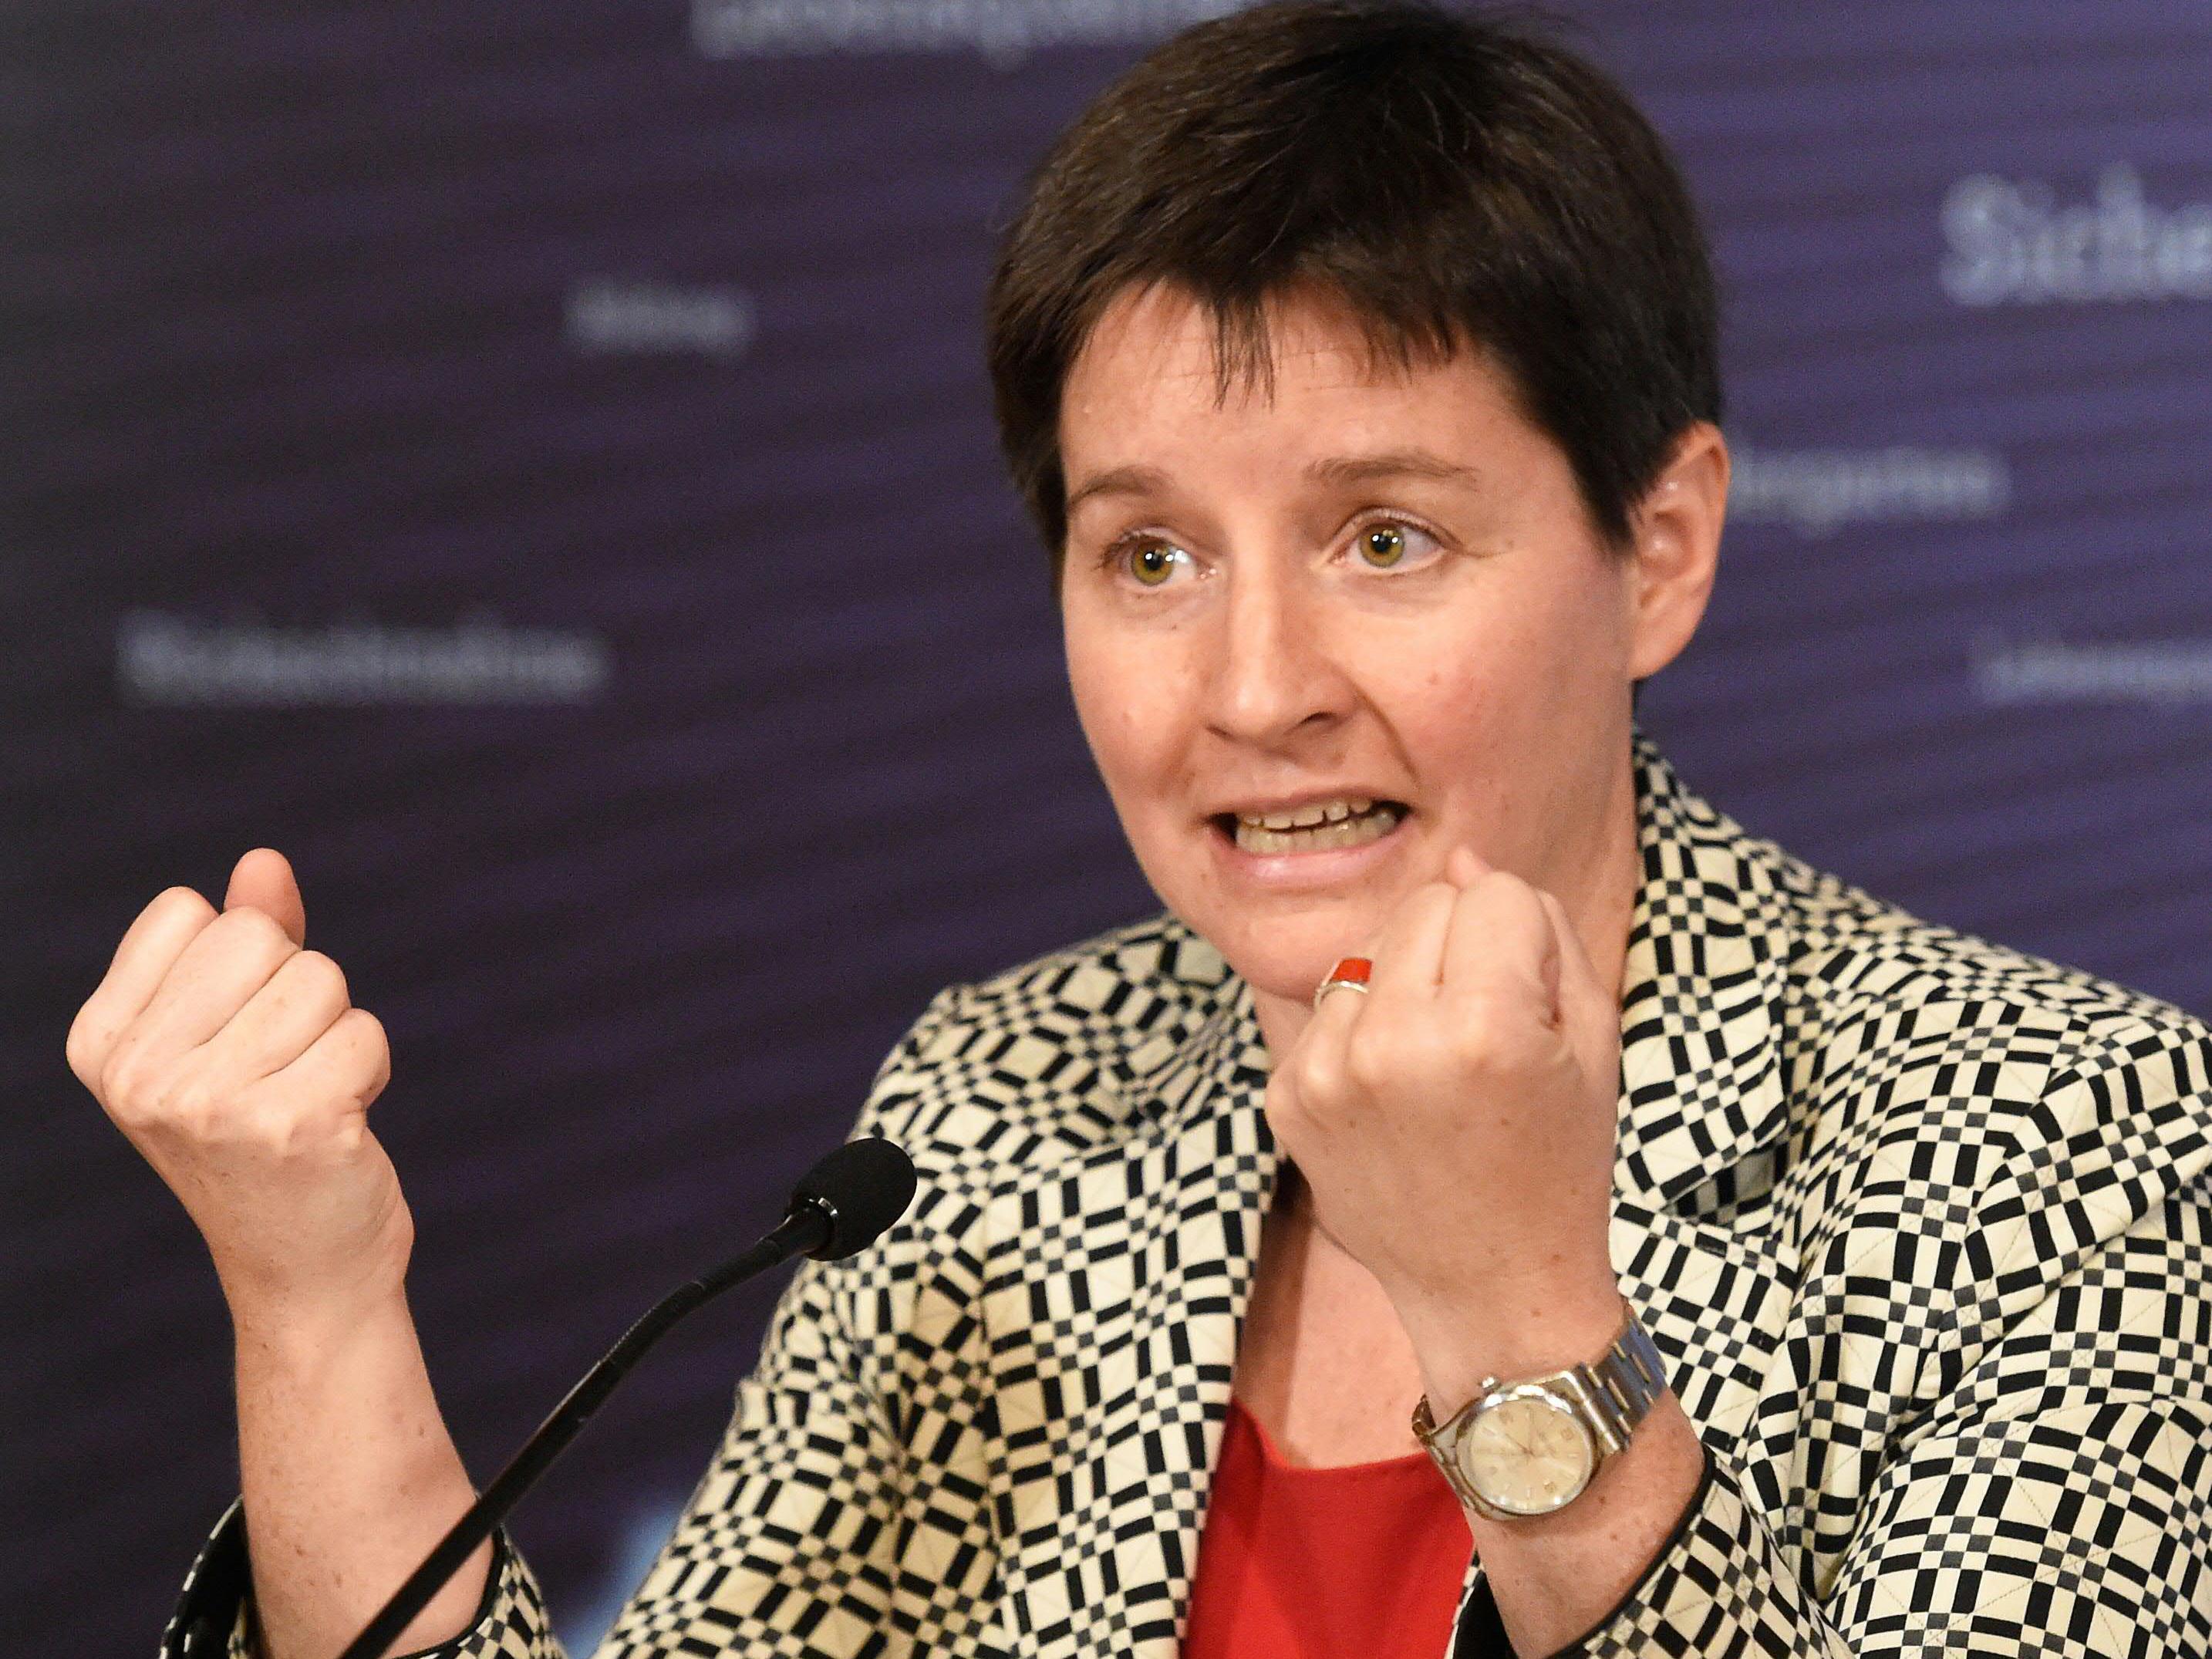 Sonja Wehsely wehrt sich vehement gegen die von der FPÖ erhobenen Vorwürfe.